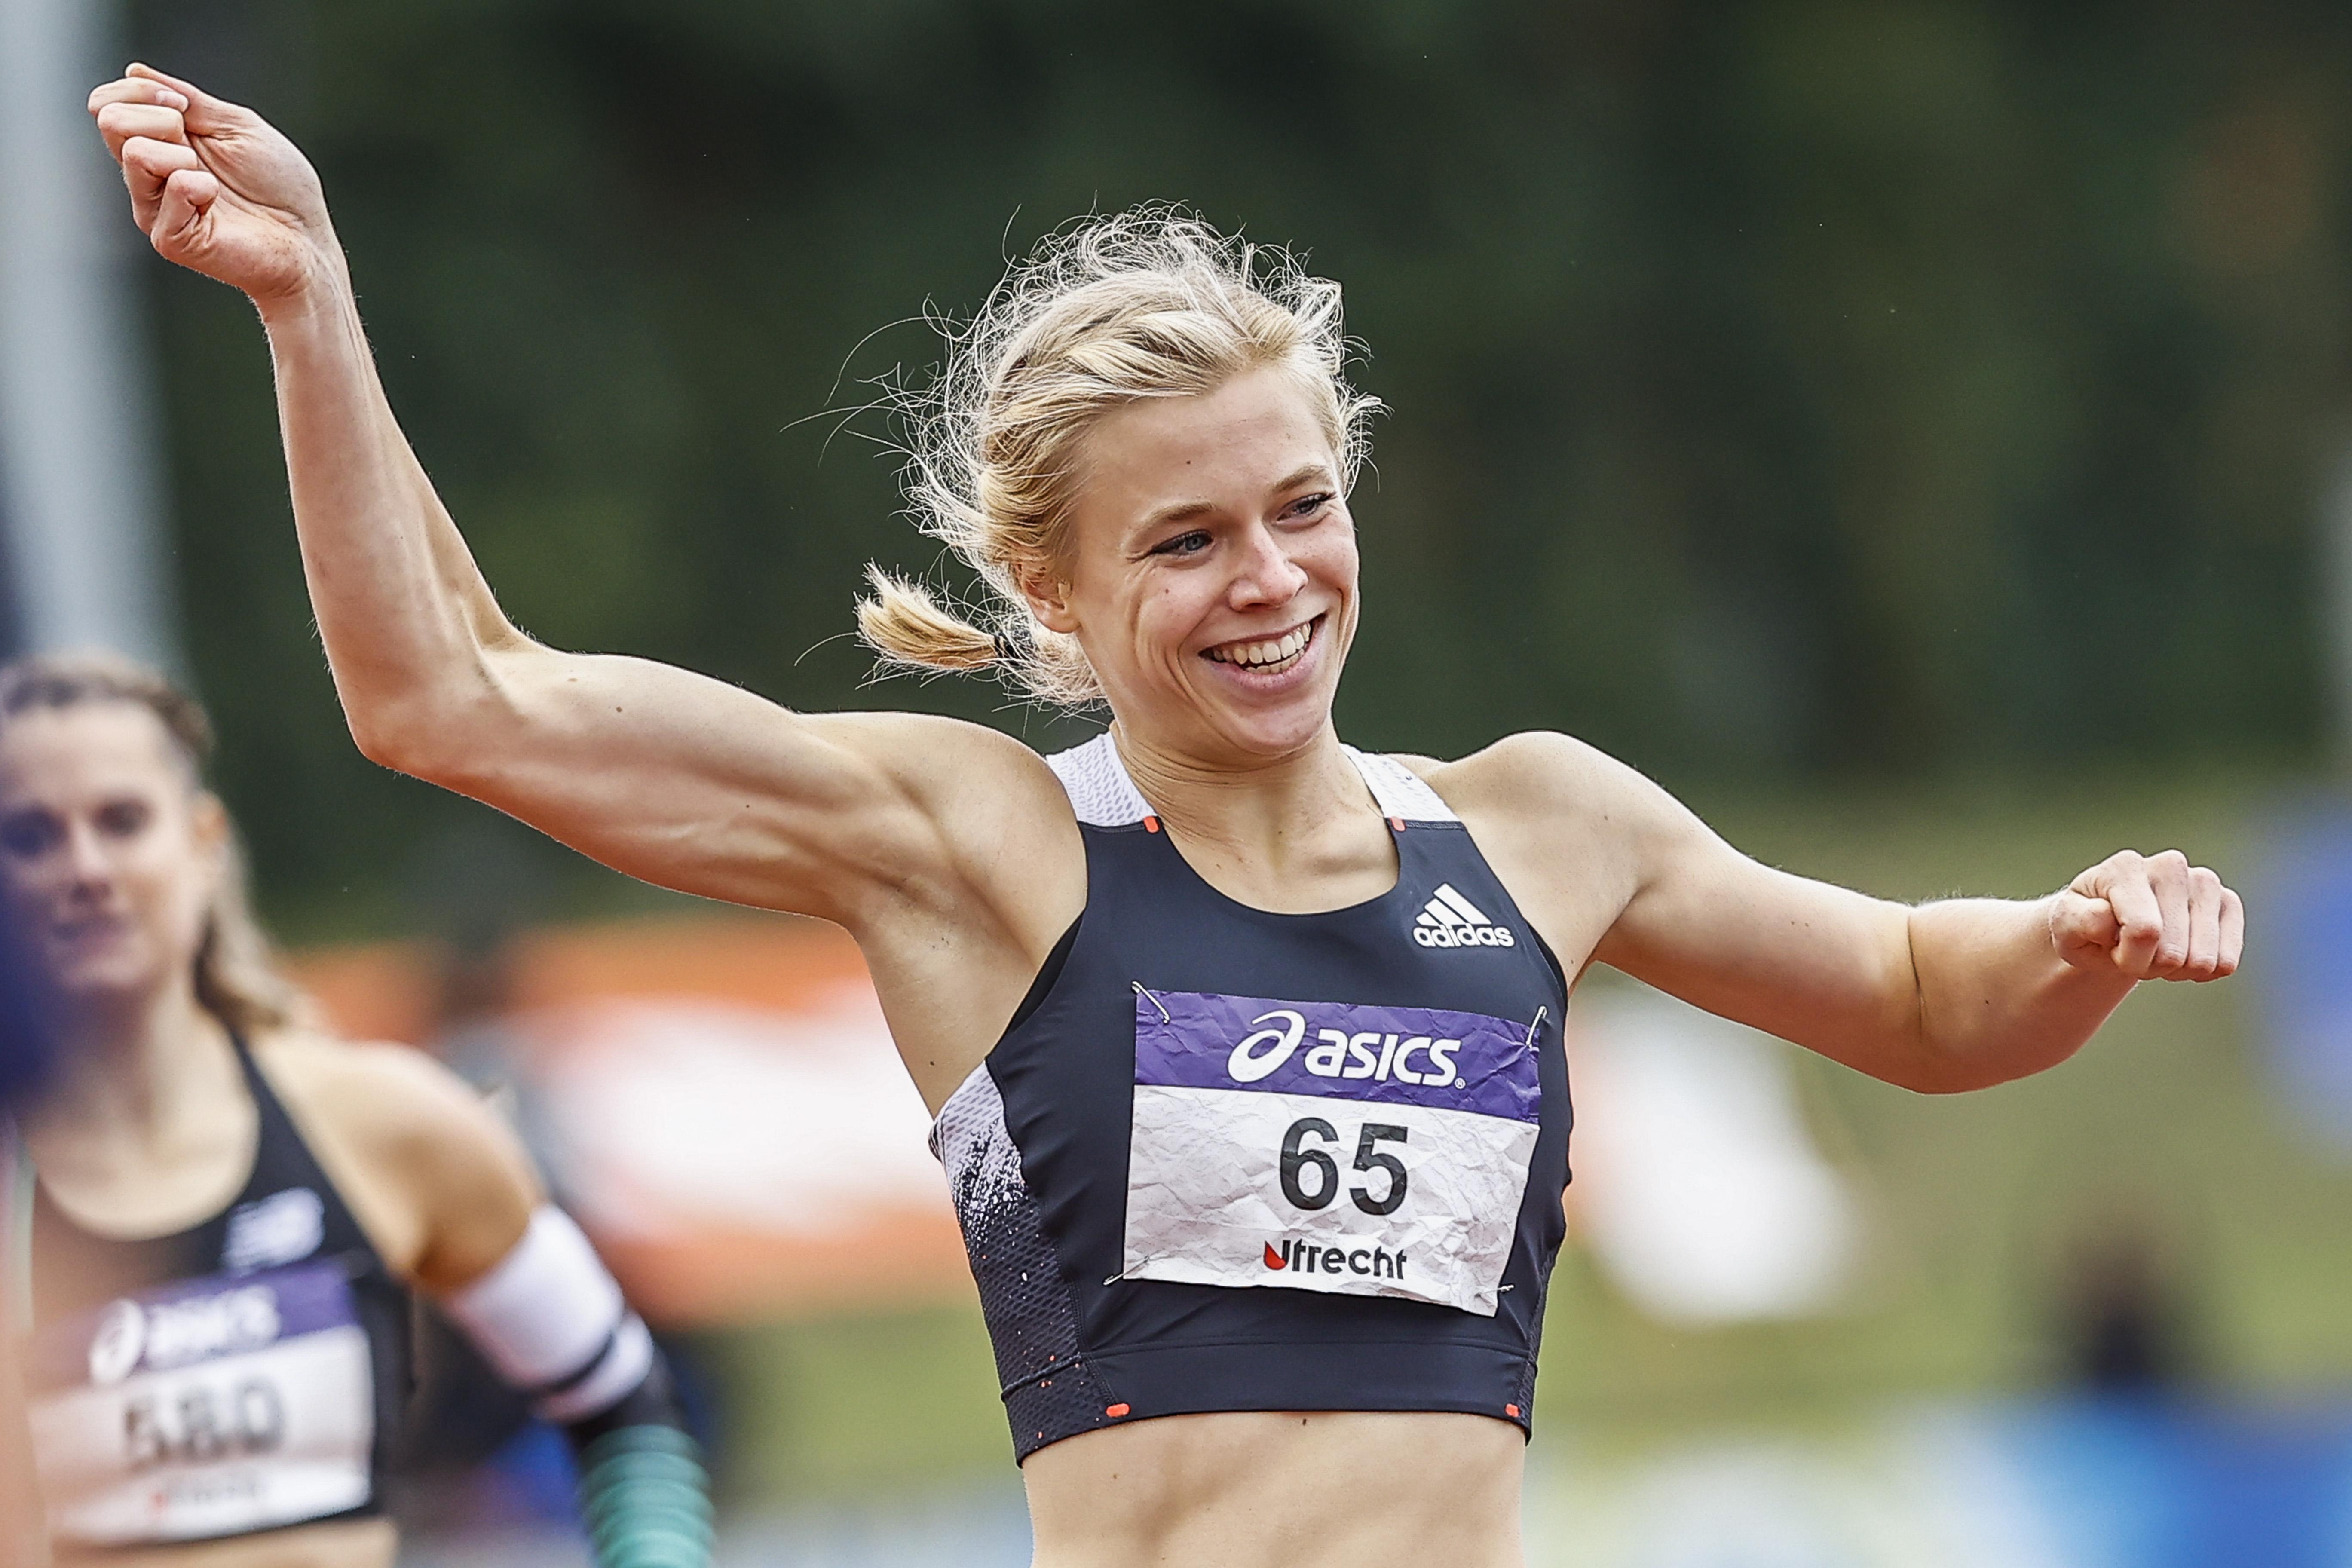 De Gouden Spike vormt voor Nederlands kampioene Andrea Bouma het sluitstuk van een prachtig seizoen: 'Ik deed te veel krachttraining en was mijzelf aan het oppompen'